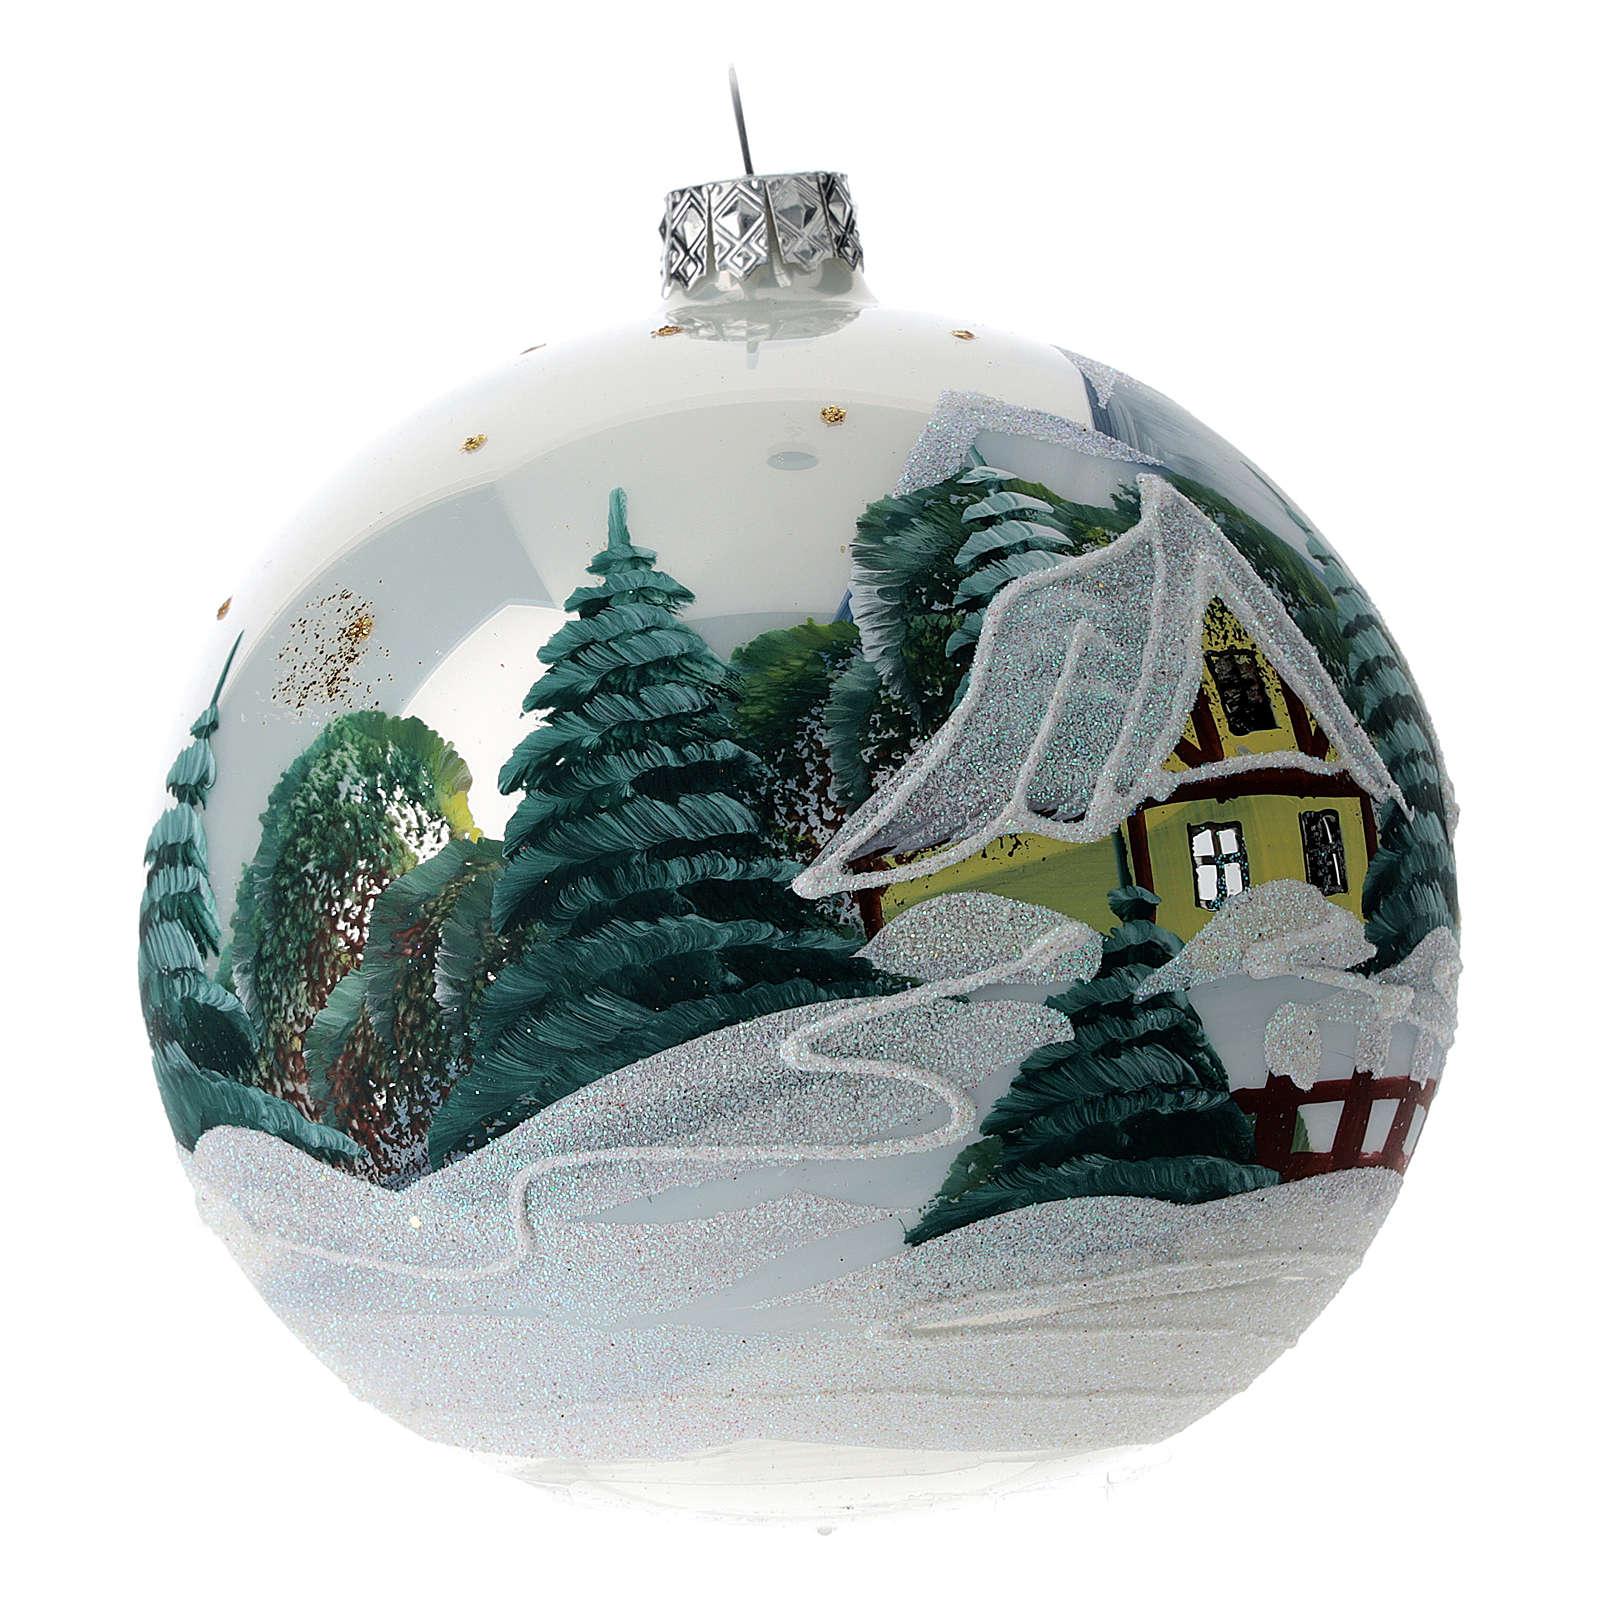 Bola árbol Navidad 120 mm vidrio soplado aldea alpina nevada 4